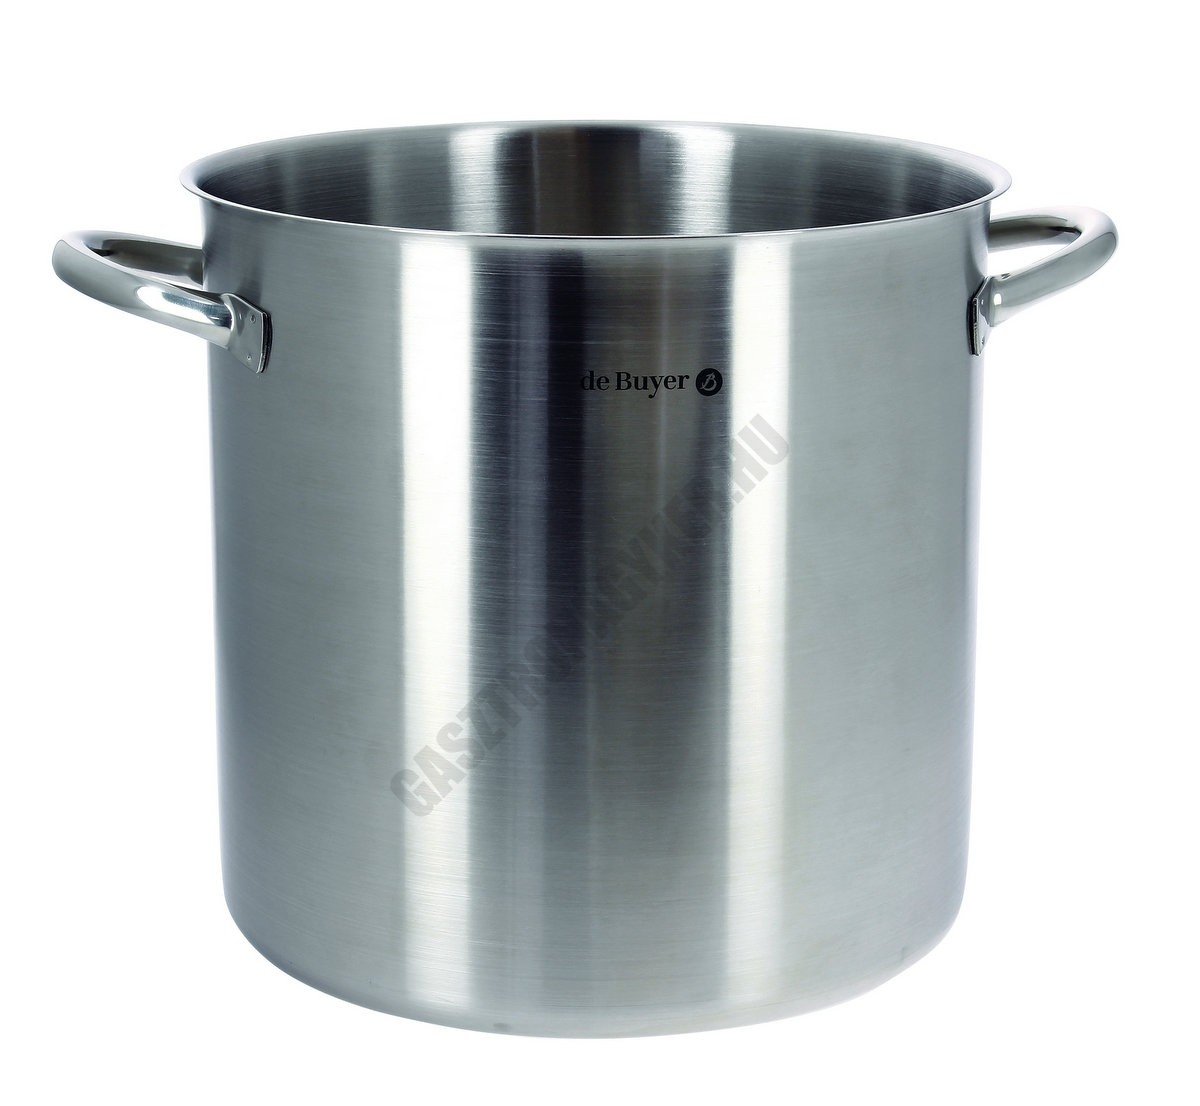 Fazék, 100 liter, de Buyer, 50 cm átmérő, 18/10 rozsdamentes indukciós